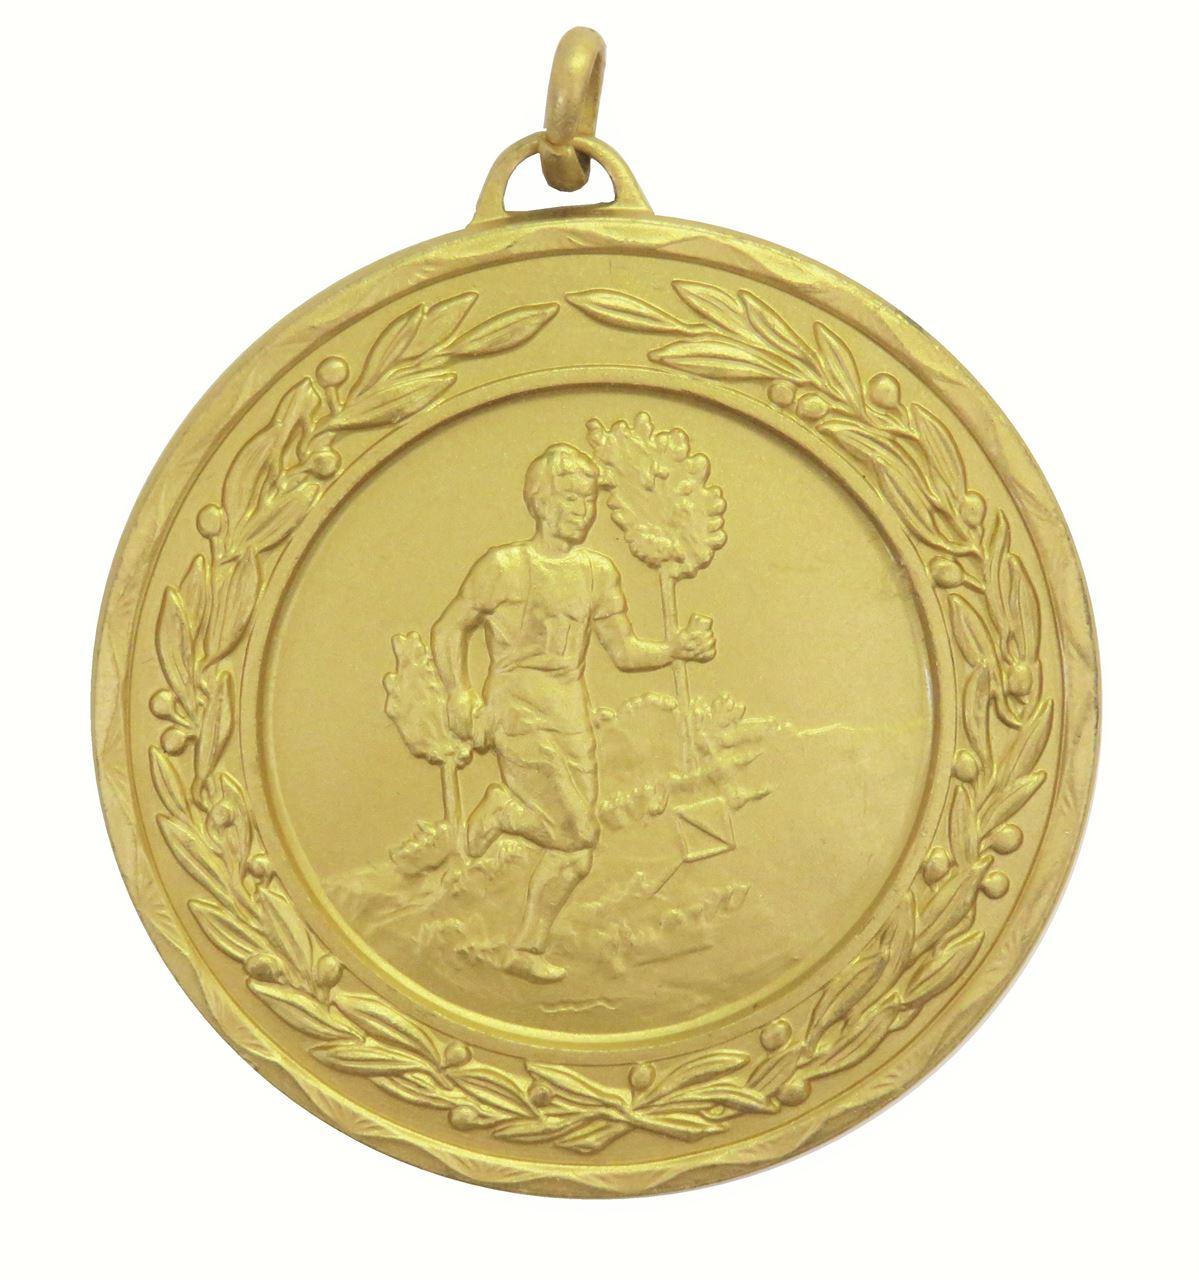 Gold Laurel Economy Cross Country Runner Medal (size: 50mm) - 4325E